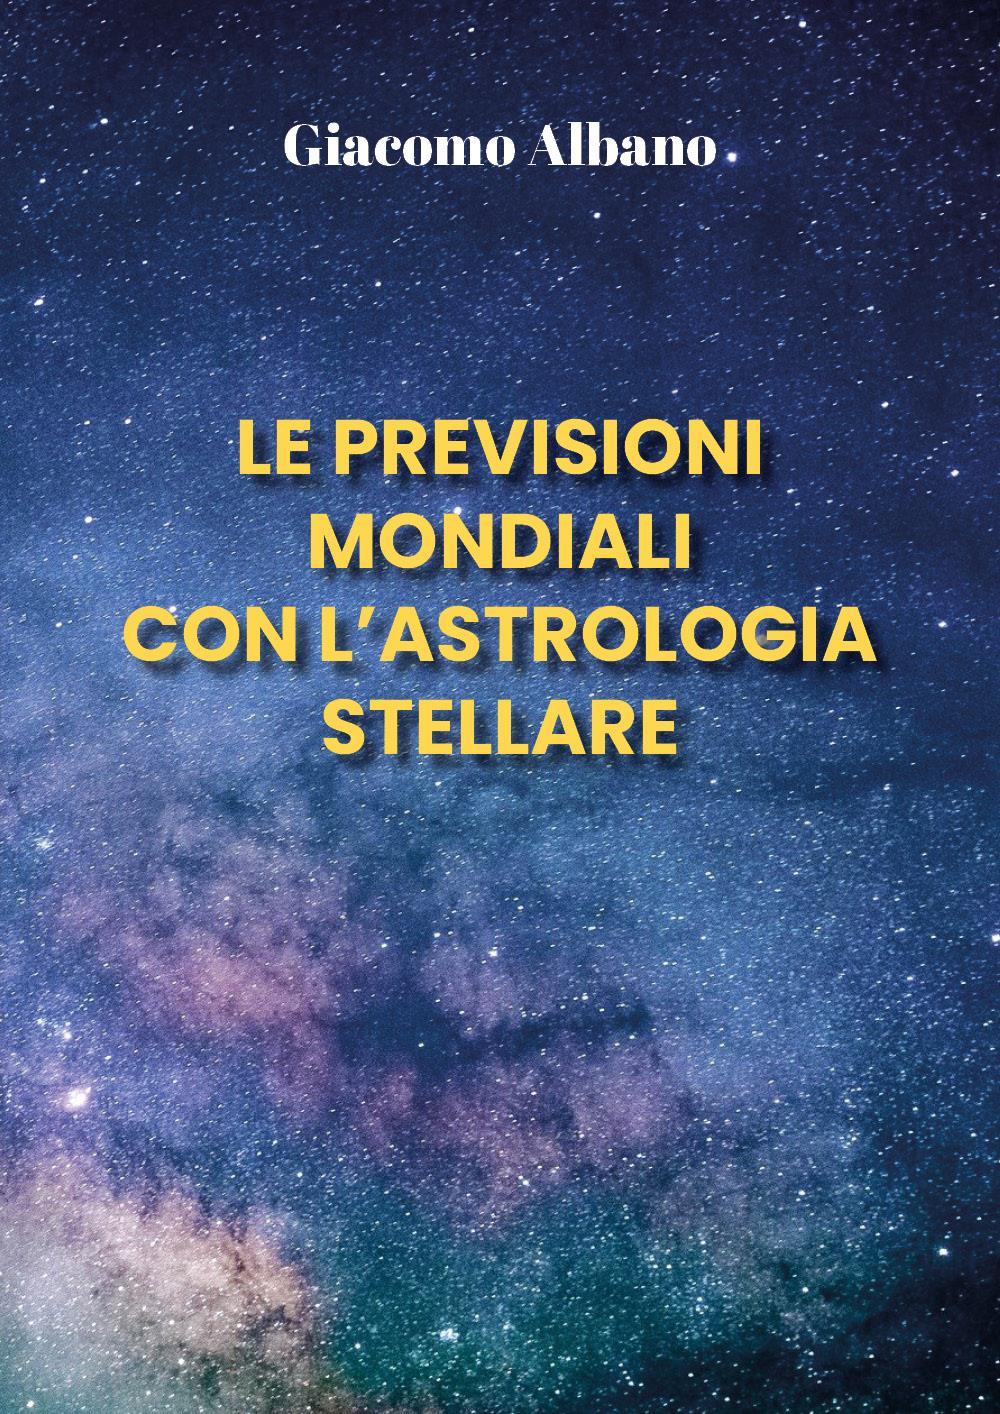 Le previsioni mondiali con l'astrologia stellare